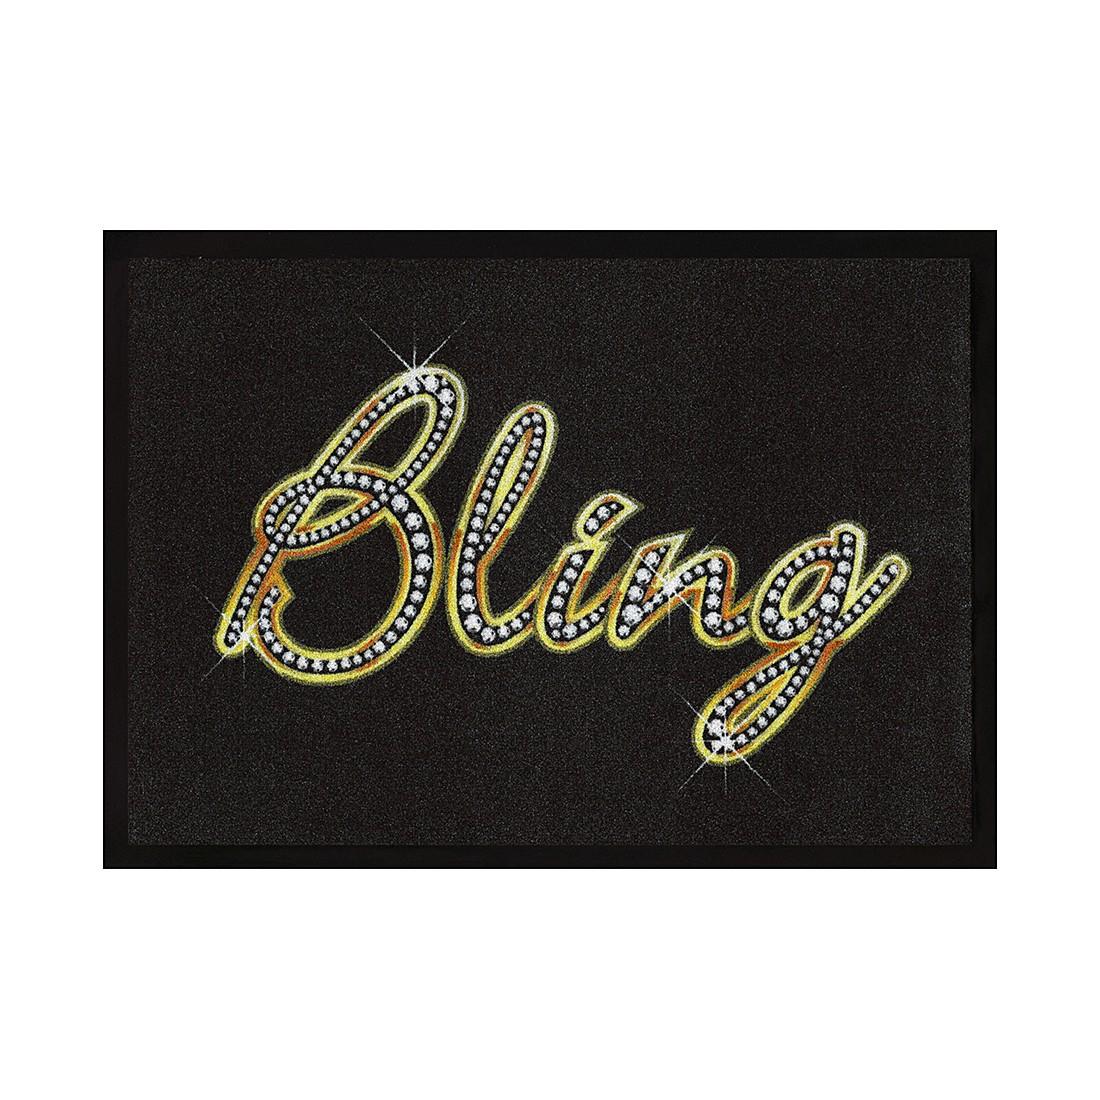 Fußmatte Bling – Schwarz/Gold, Pro Art günstig online kaufen